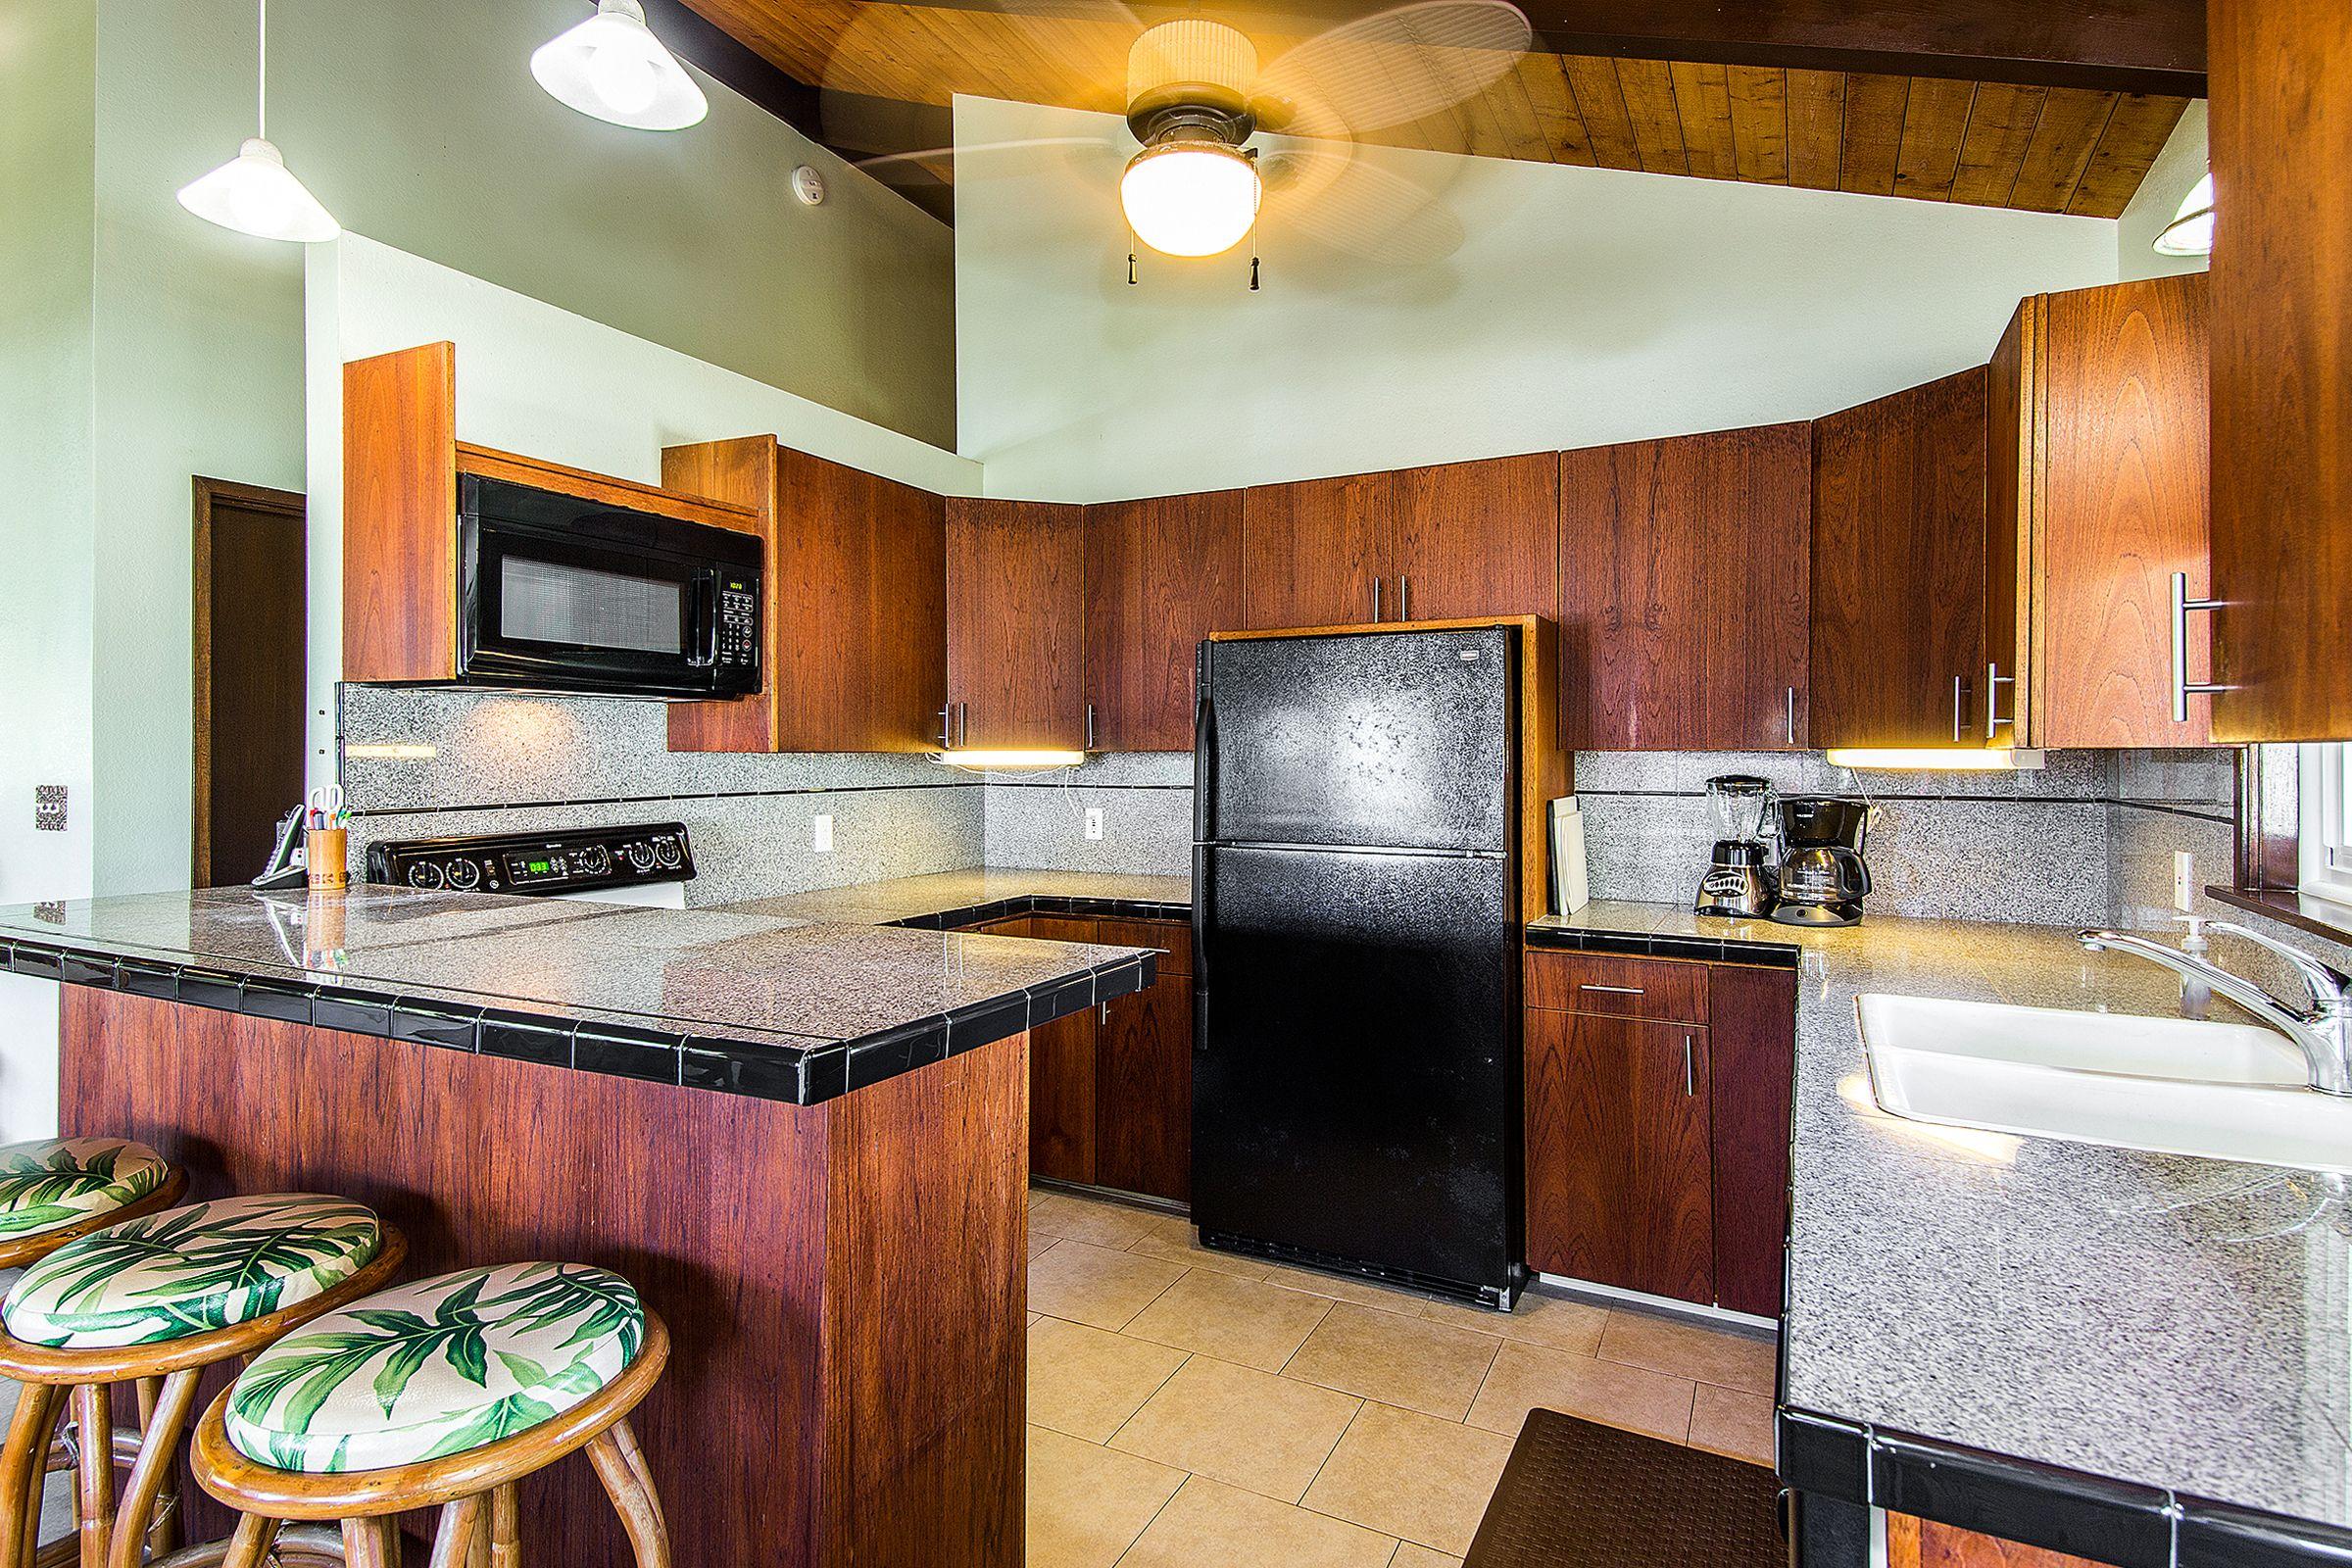 kitchen-dining_1800x1200_1470654